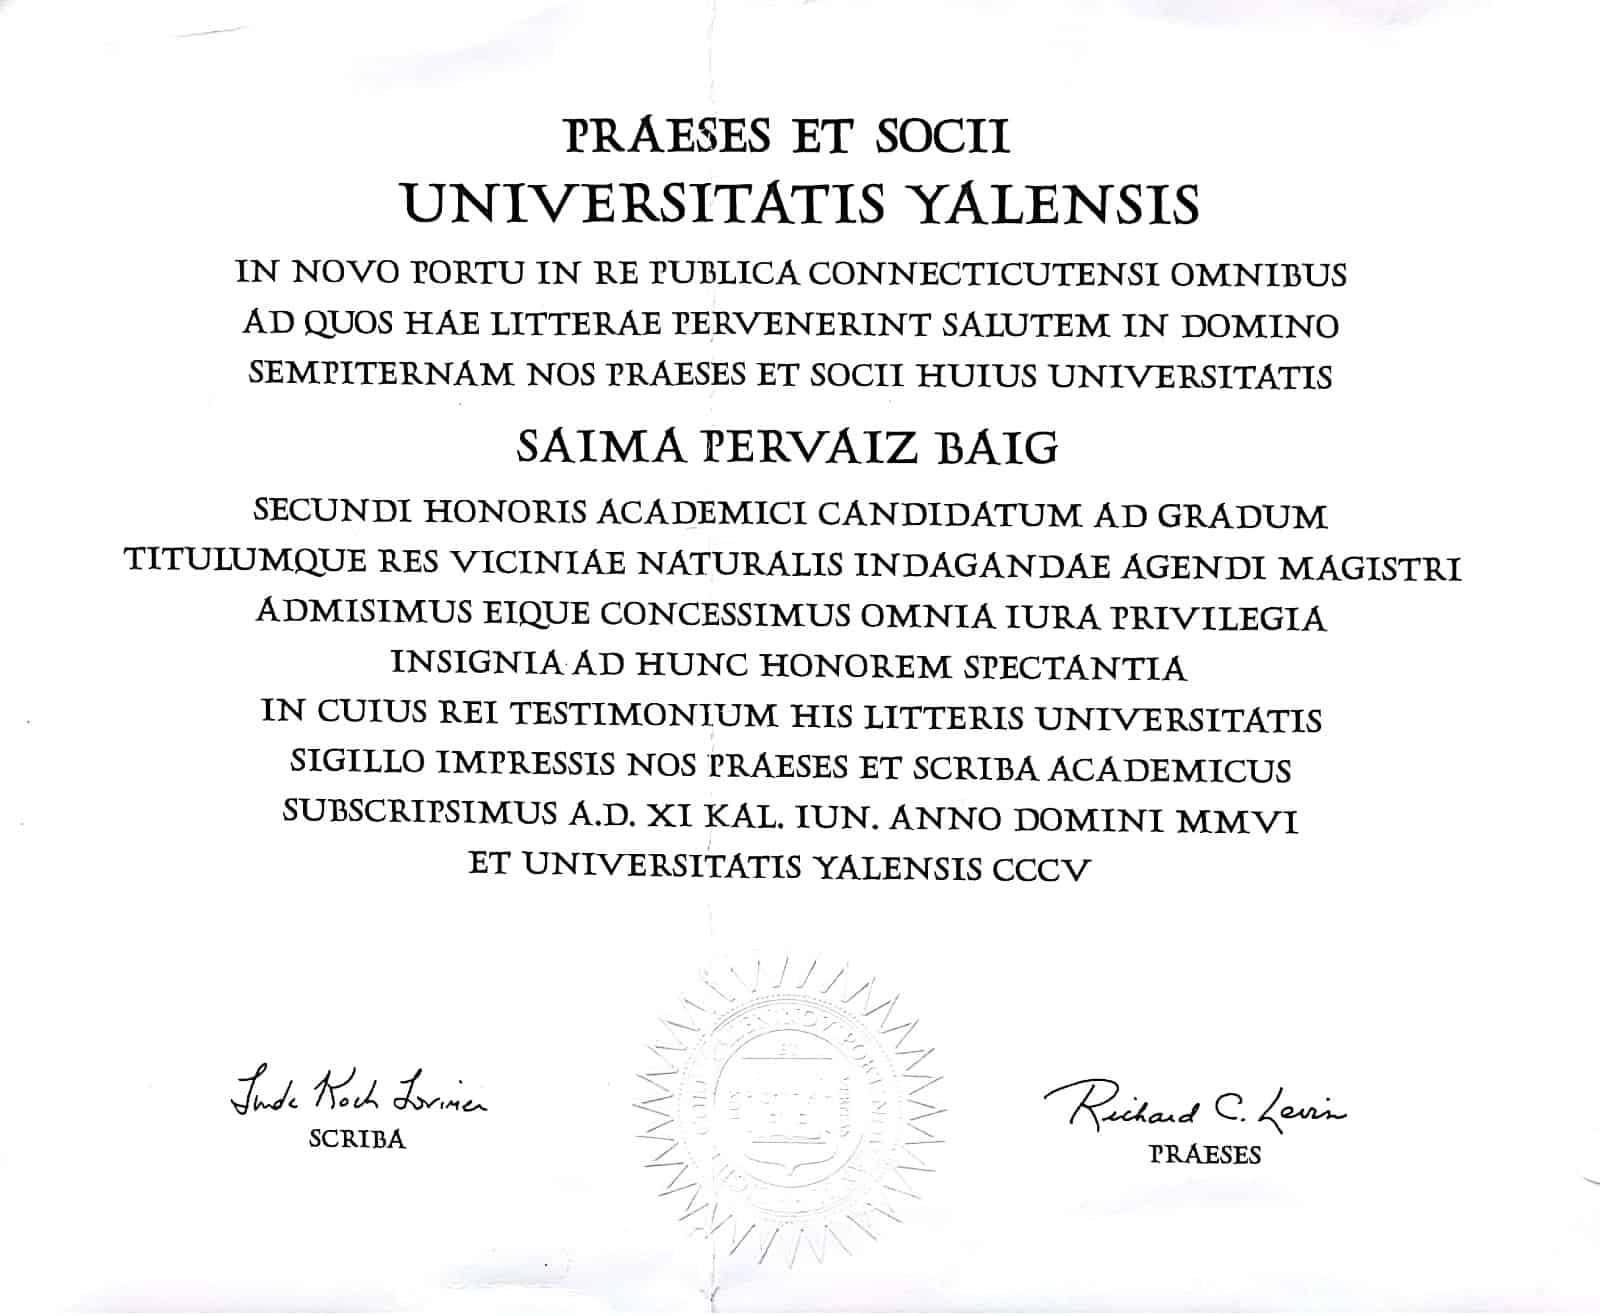 Saima Baig Yale